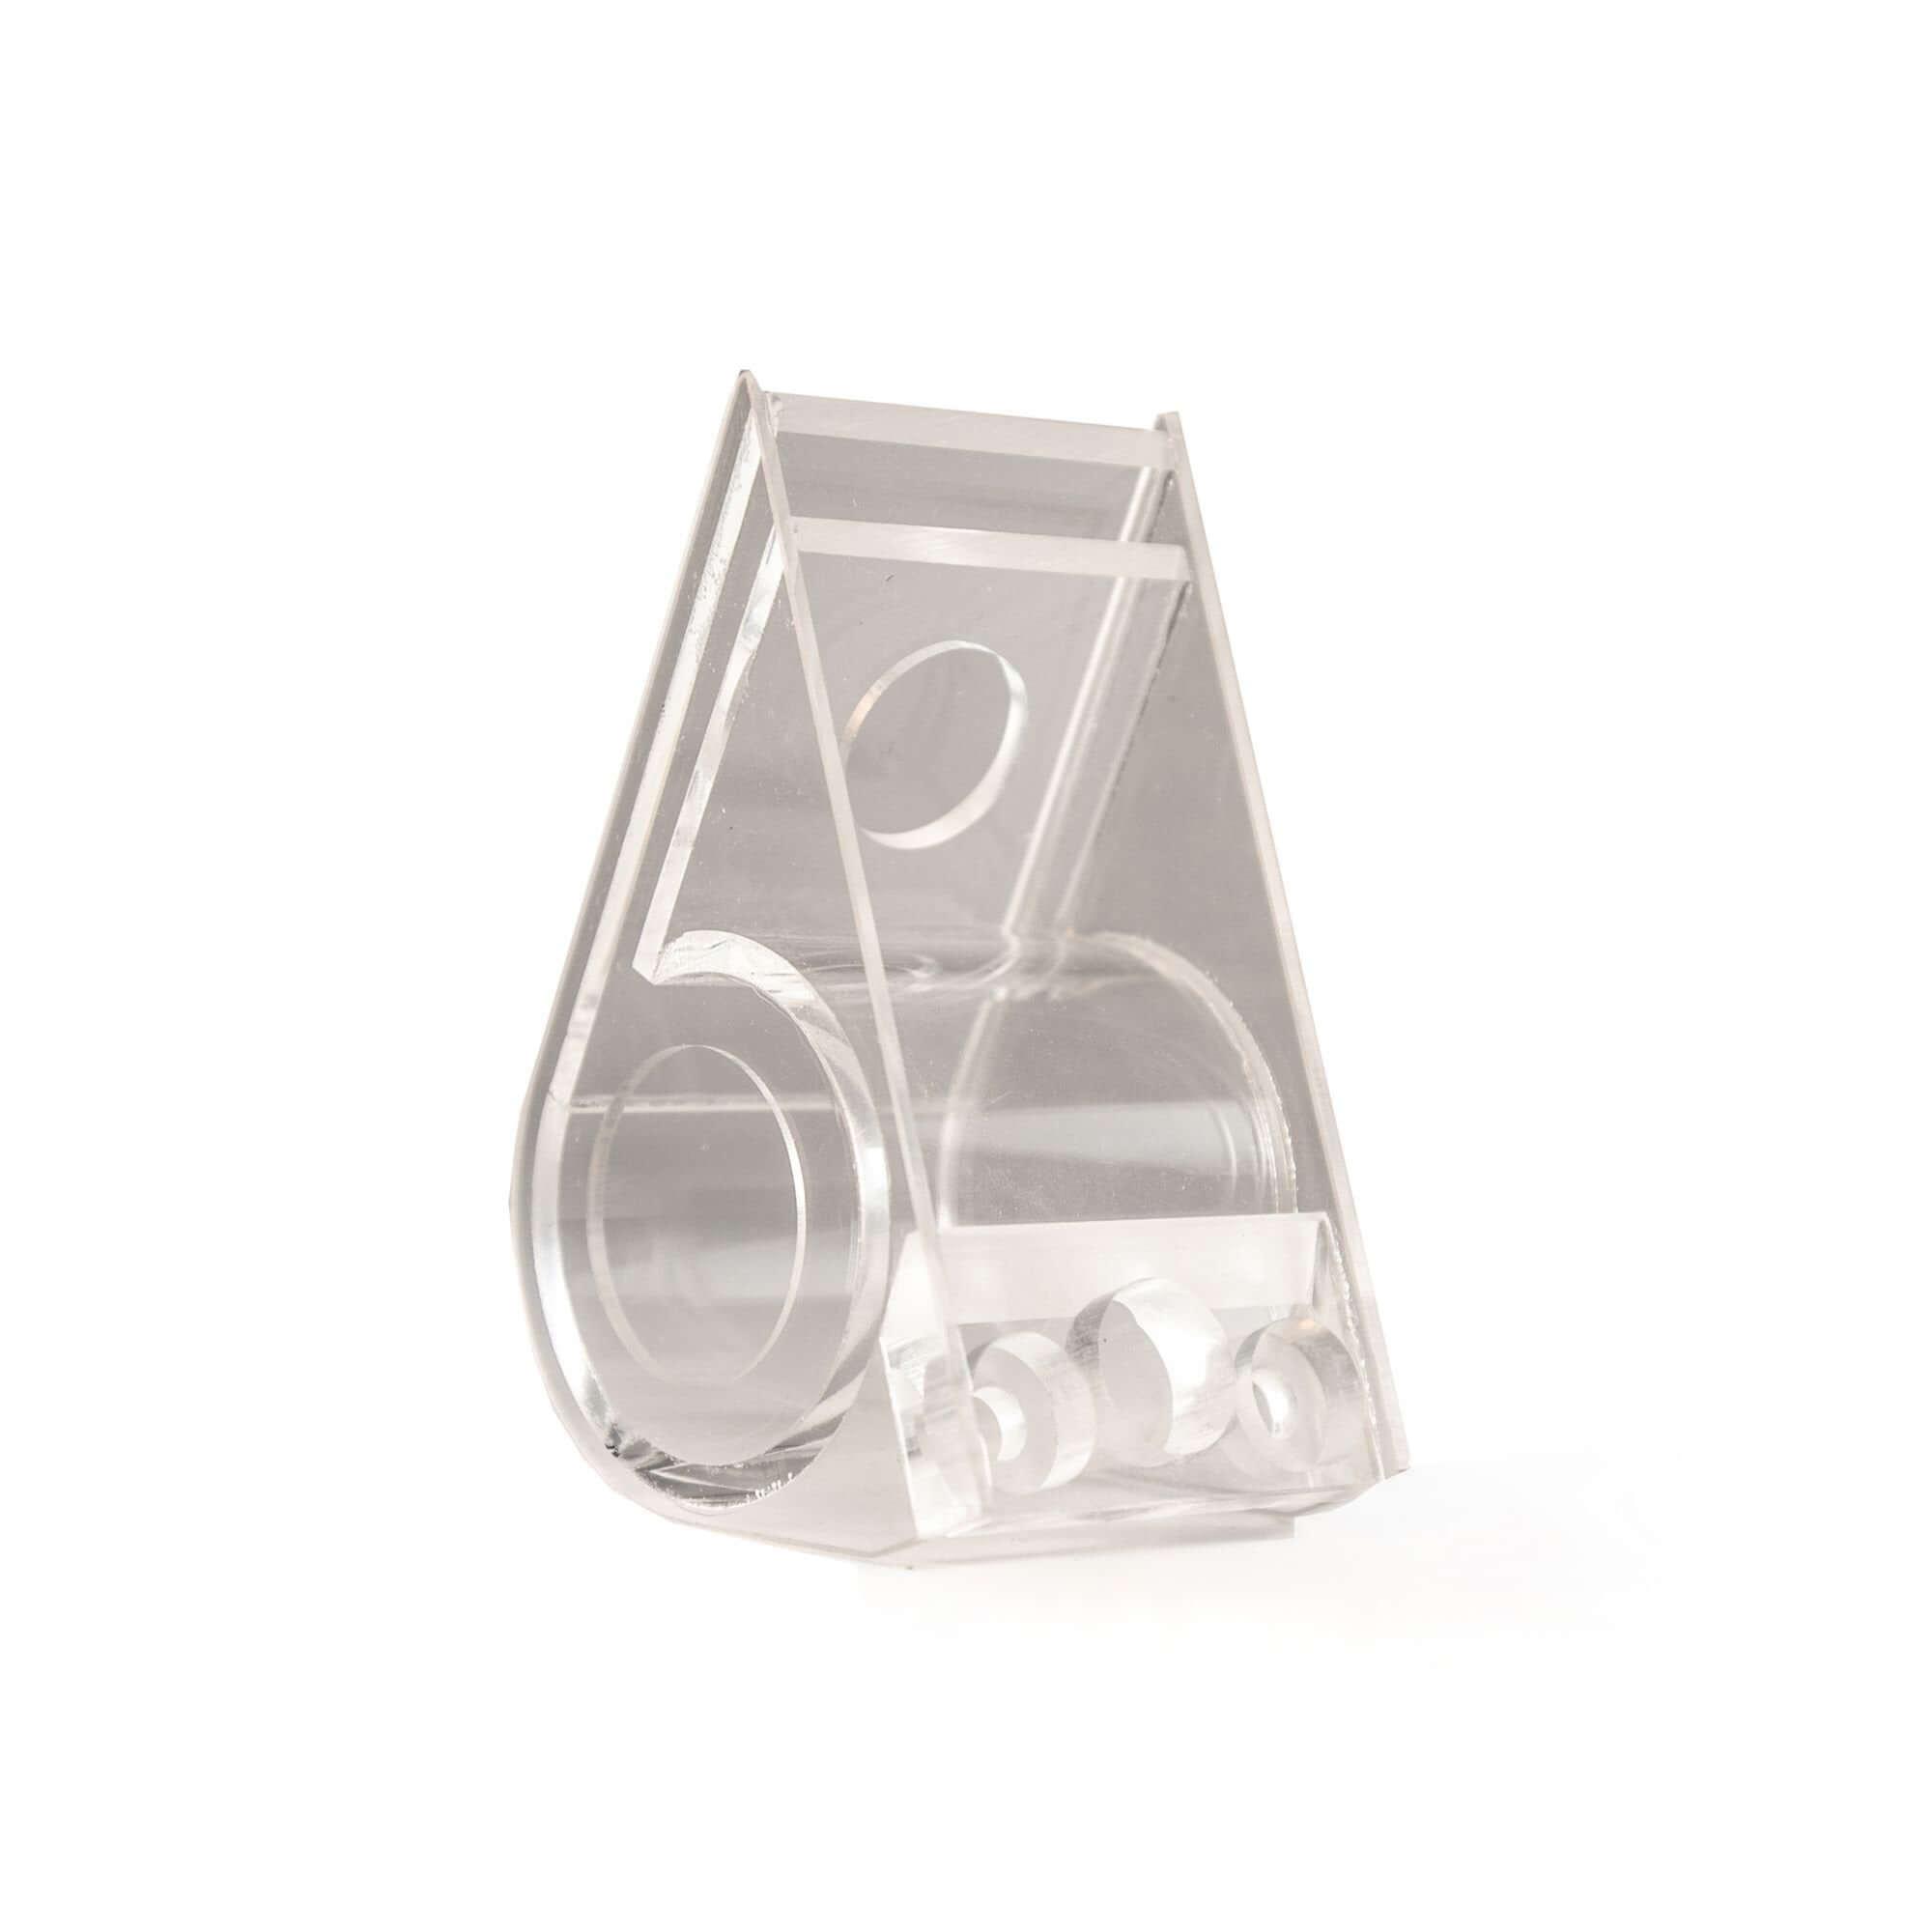 Acryline Papier-Abroller aus Acrylglas technische teile zubehör laser poliert geklebt acryl acrylglas kunststoff produktion papierabroller abroller